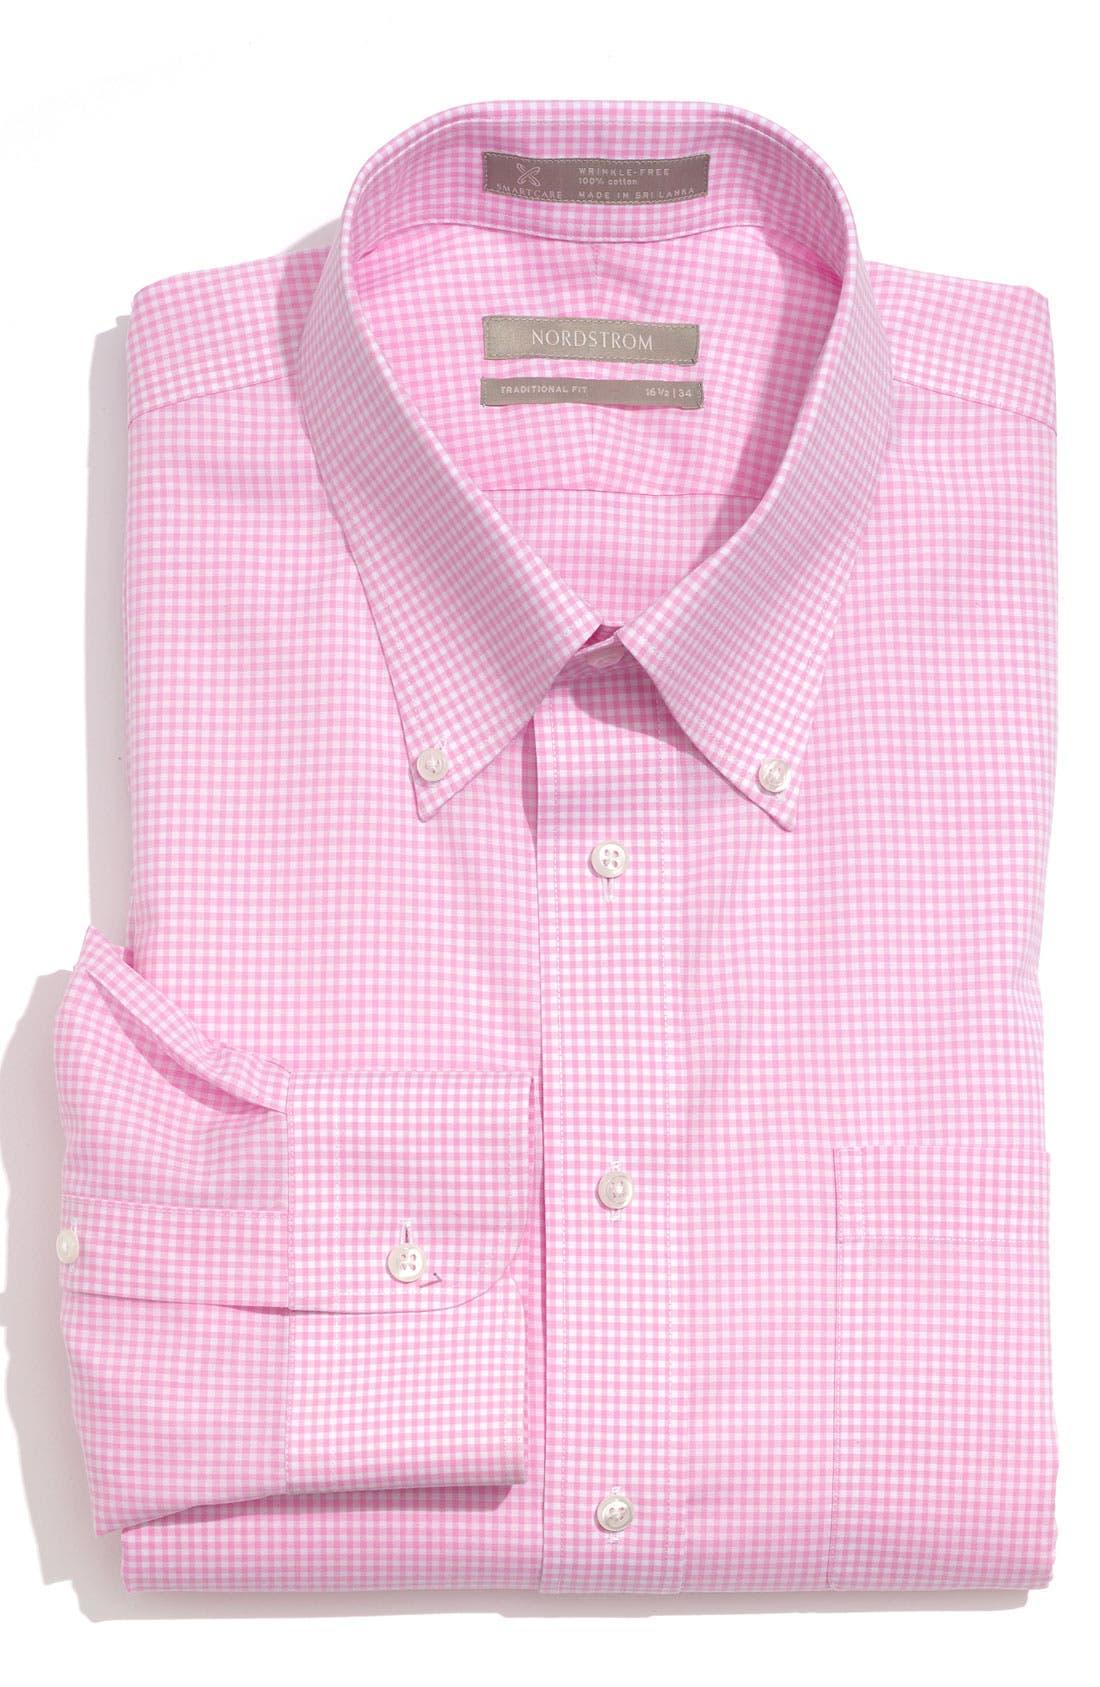 Main Image - Nordstrom Men's Shop Smartcare™ Traditional Fit Gingham Dress Shirt